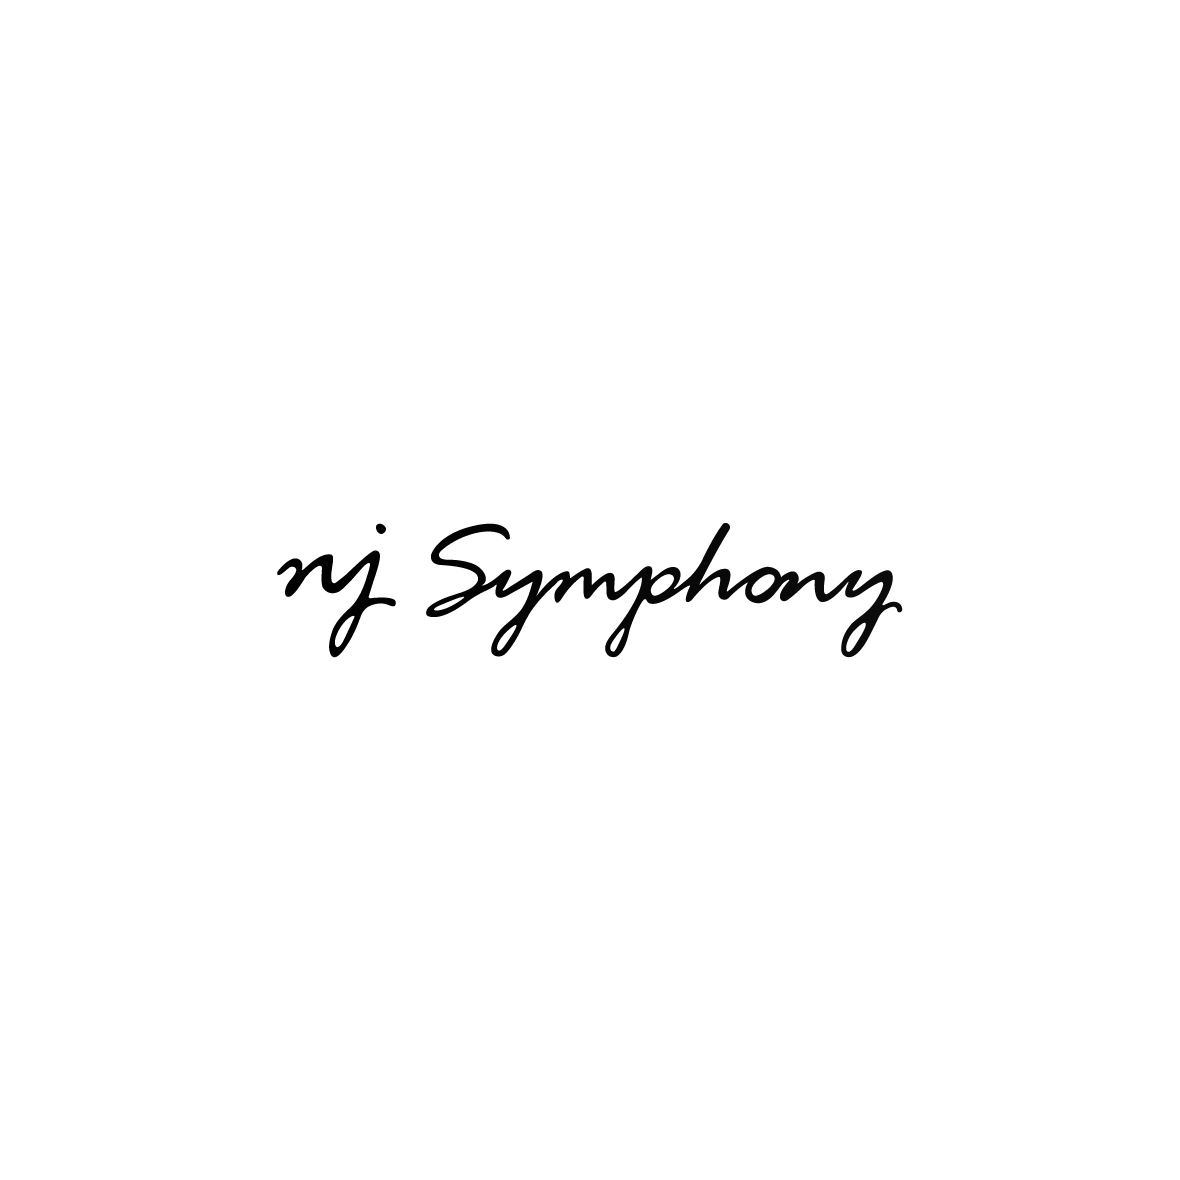 nj Symphony Logo